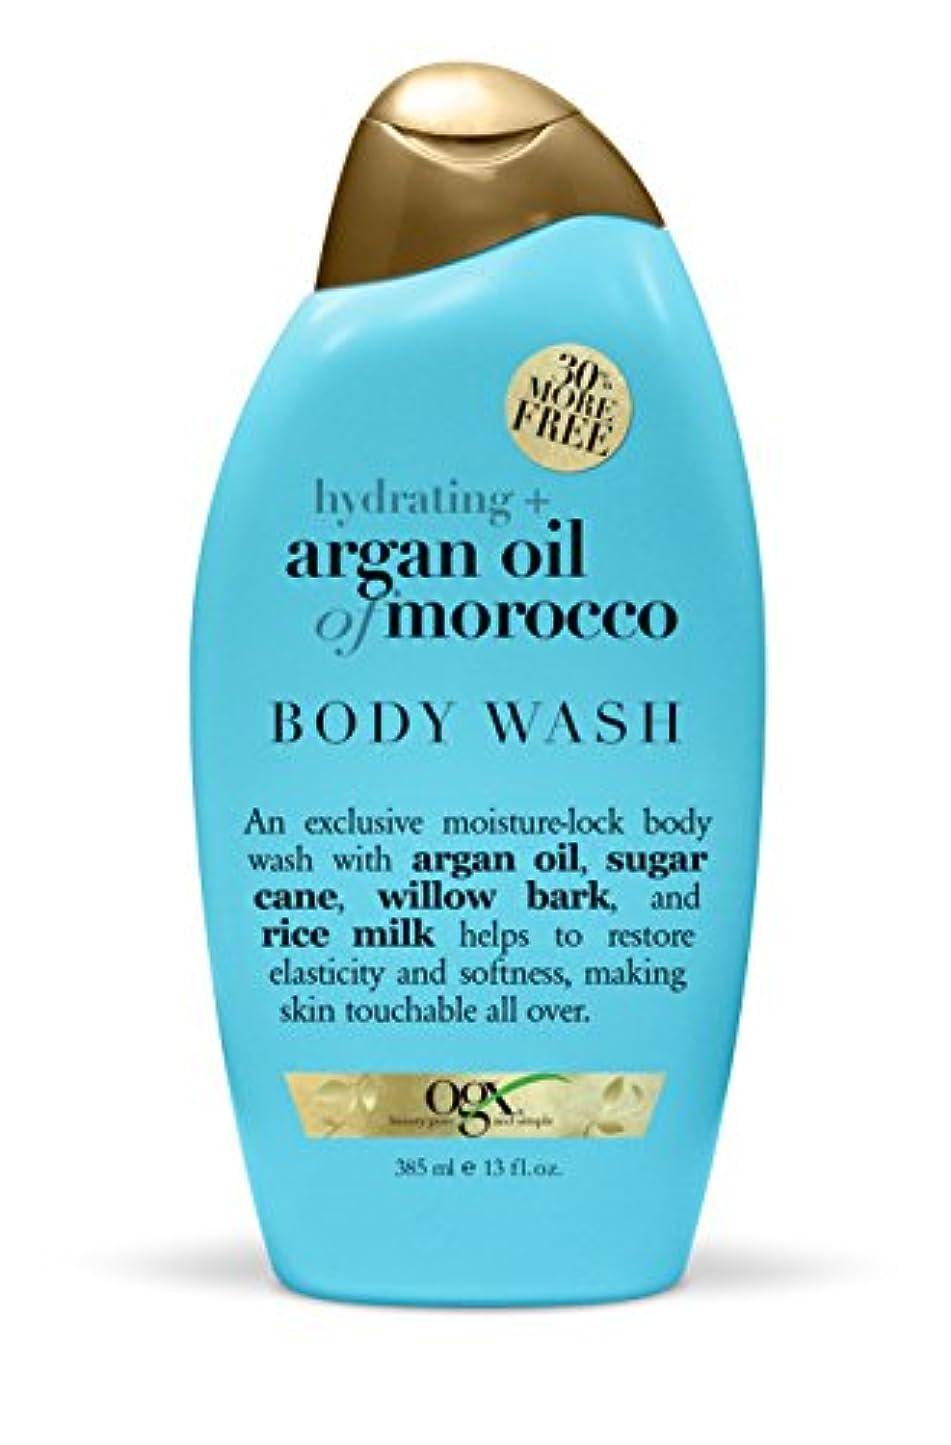 疑問を超えてバー警察Organix Body Wash Moroccan Argan Oil 385 ml (Hydrating) (並行輸入品)